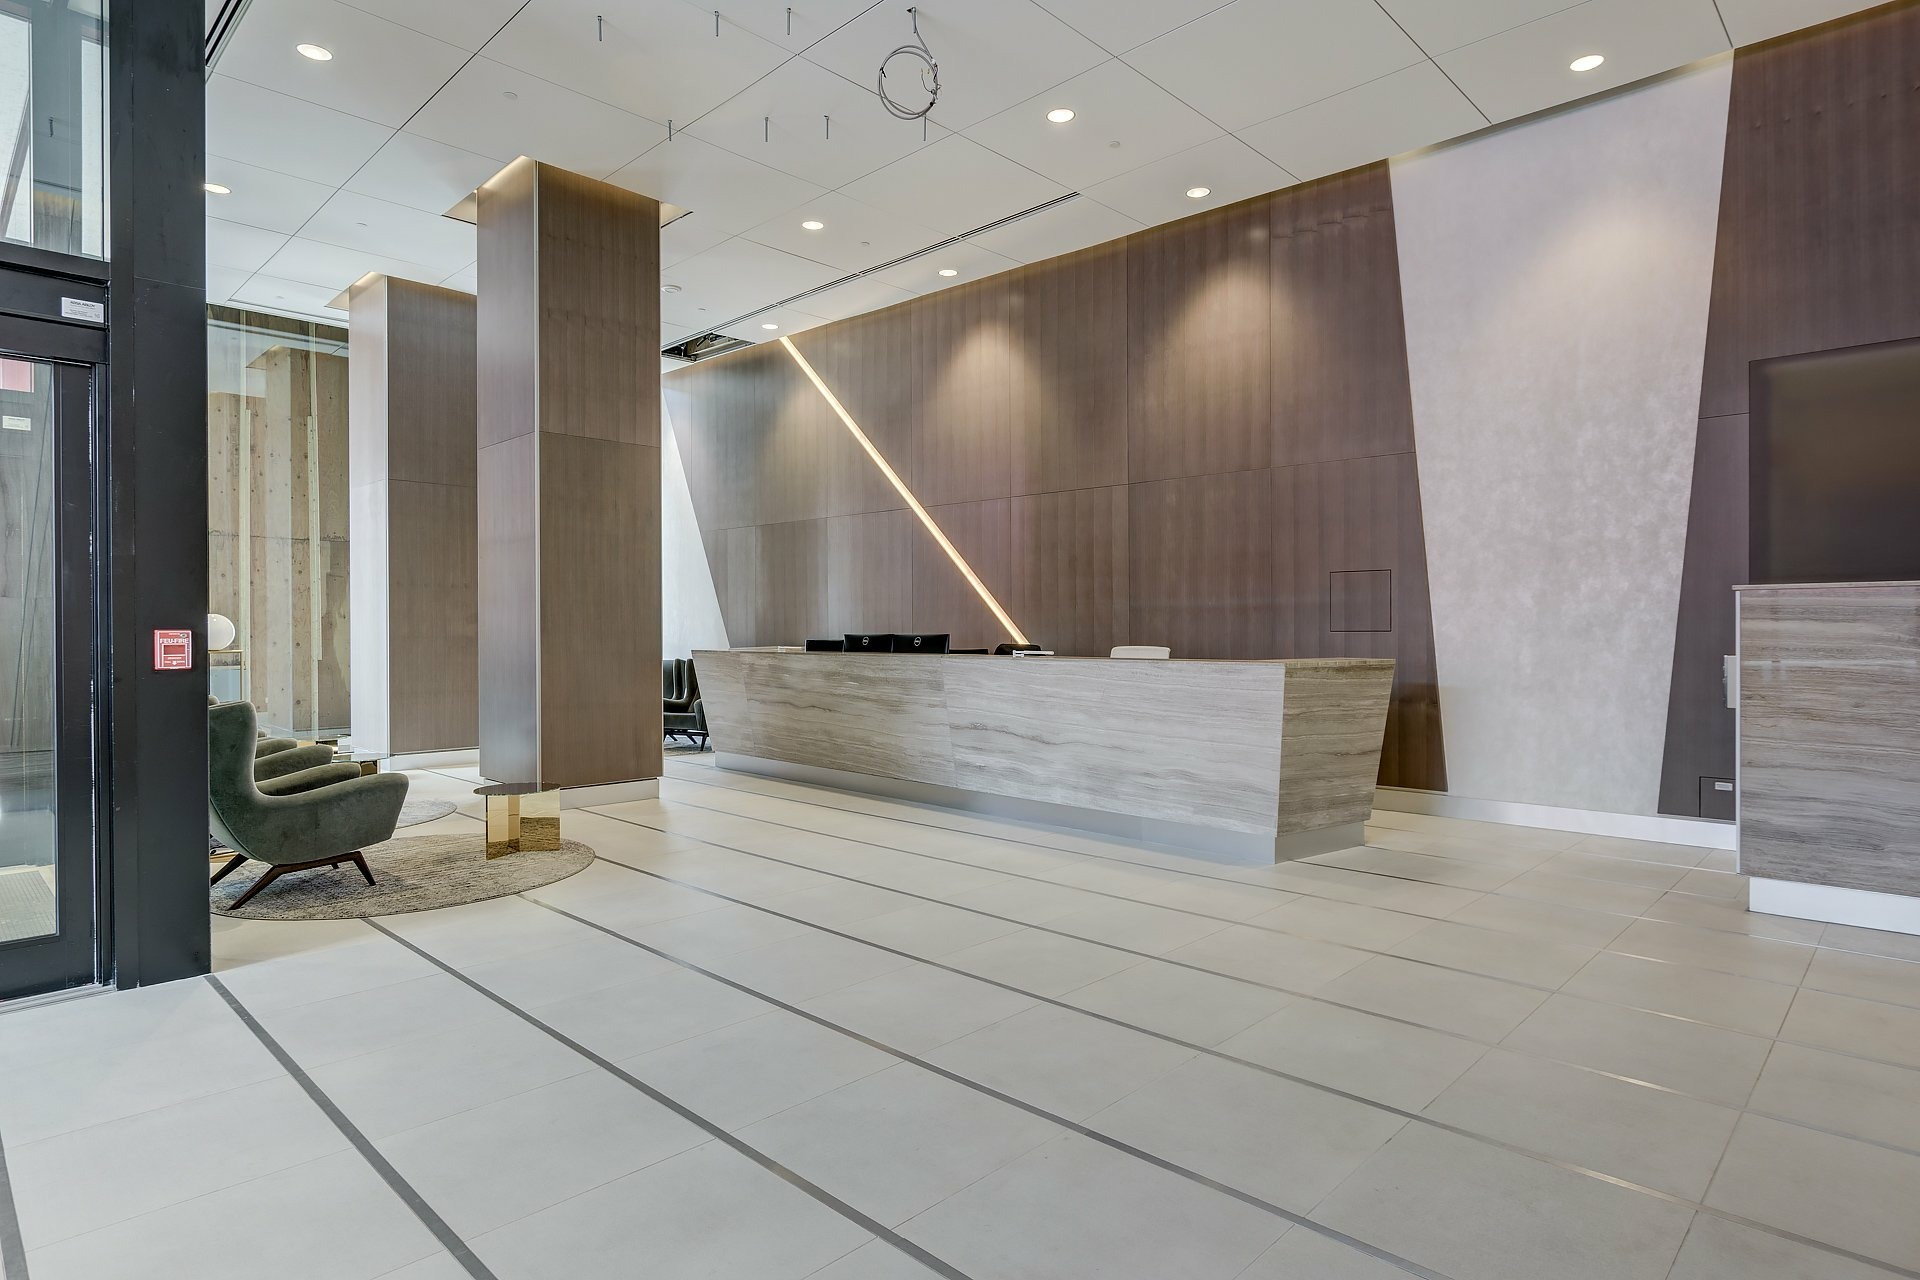 image 15 - Appartement À louer Montréal Ville-Marie  - 4 pièces